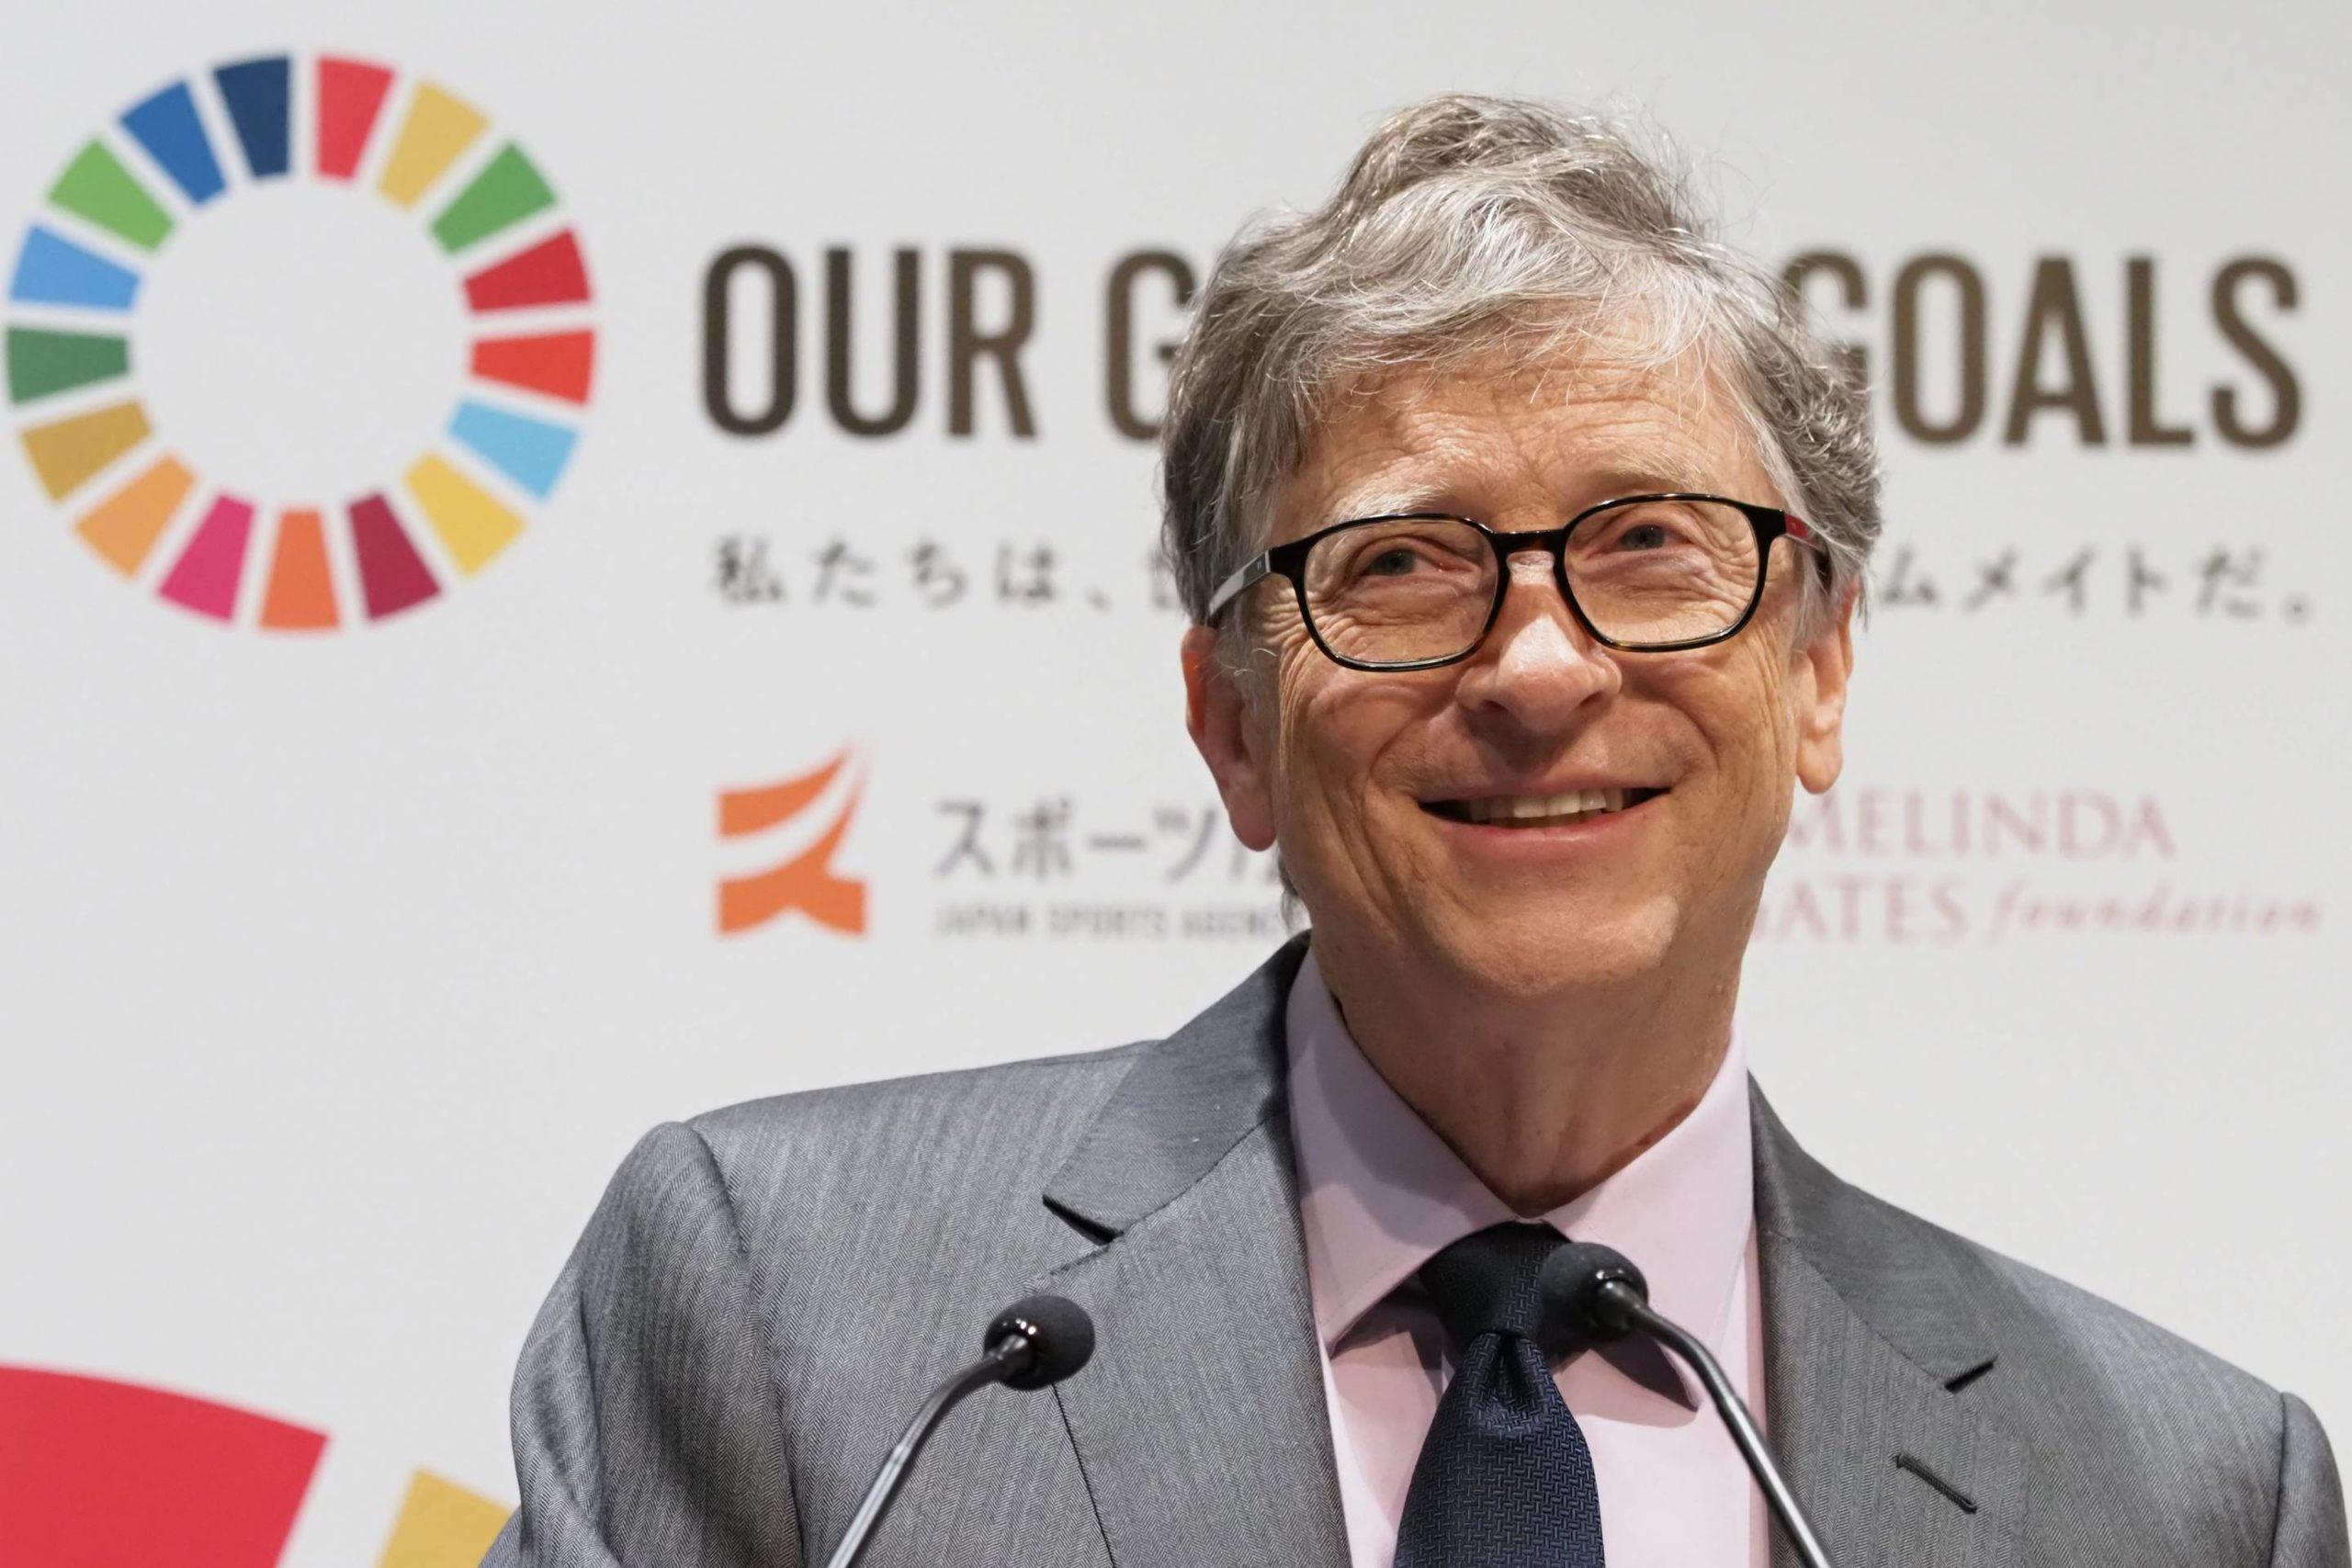 កំពូលមហាសេដ្ឋីអាមេរិក Bill Gates «បរិច្ចាគ១០០លានដុល្លារ» ដើម្បីជួយប្រយុទ្ធនឹងវីរុសកូរ៉ូណាថ្មី ក្រោមជំនួយមូលនិធិសប្បុរសធម៌របស់ខ្លួន